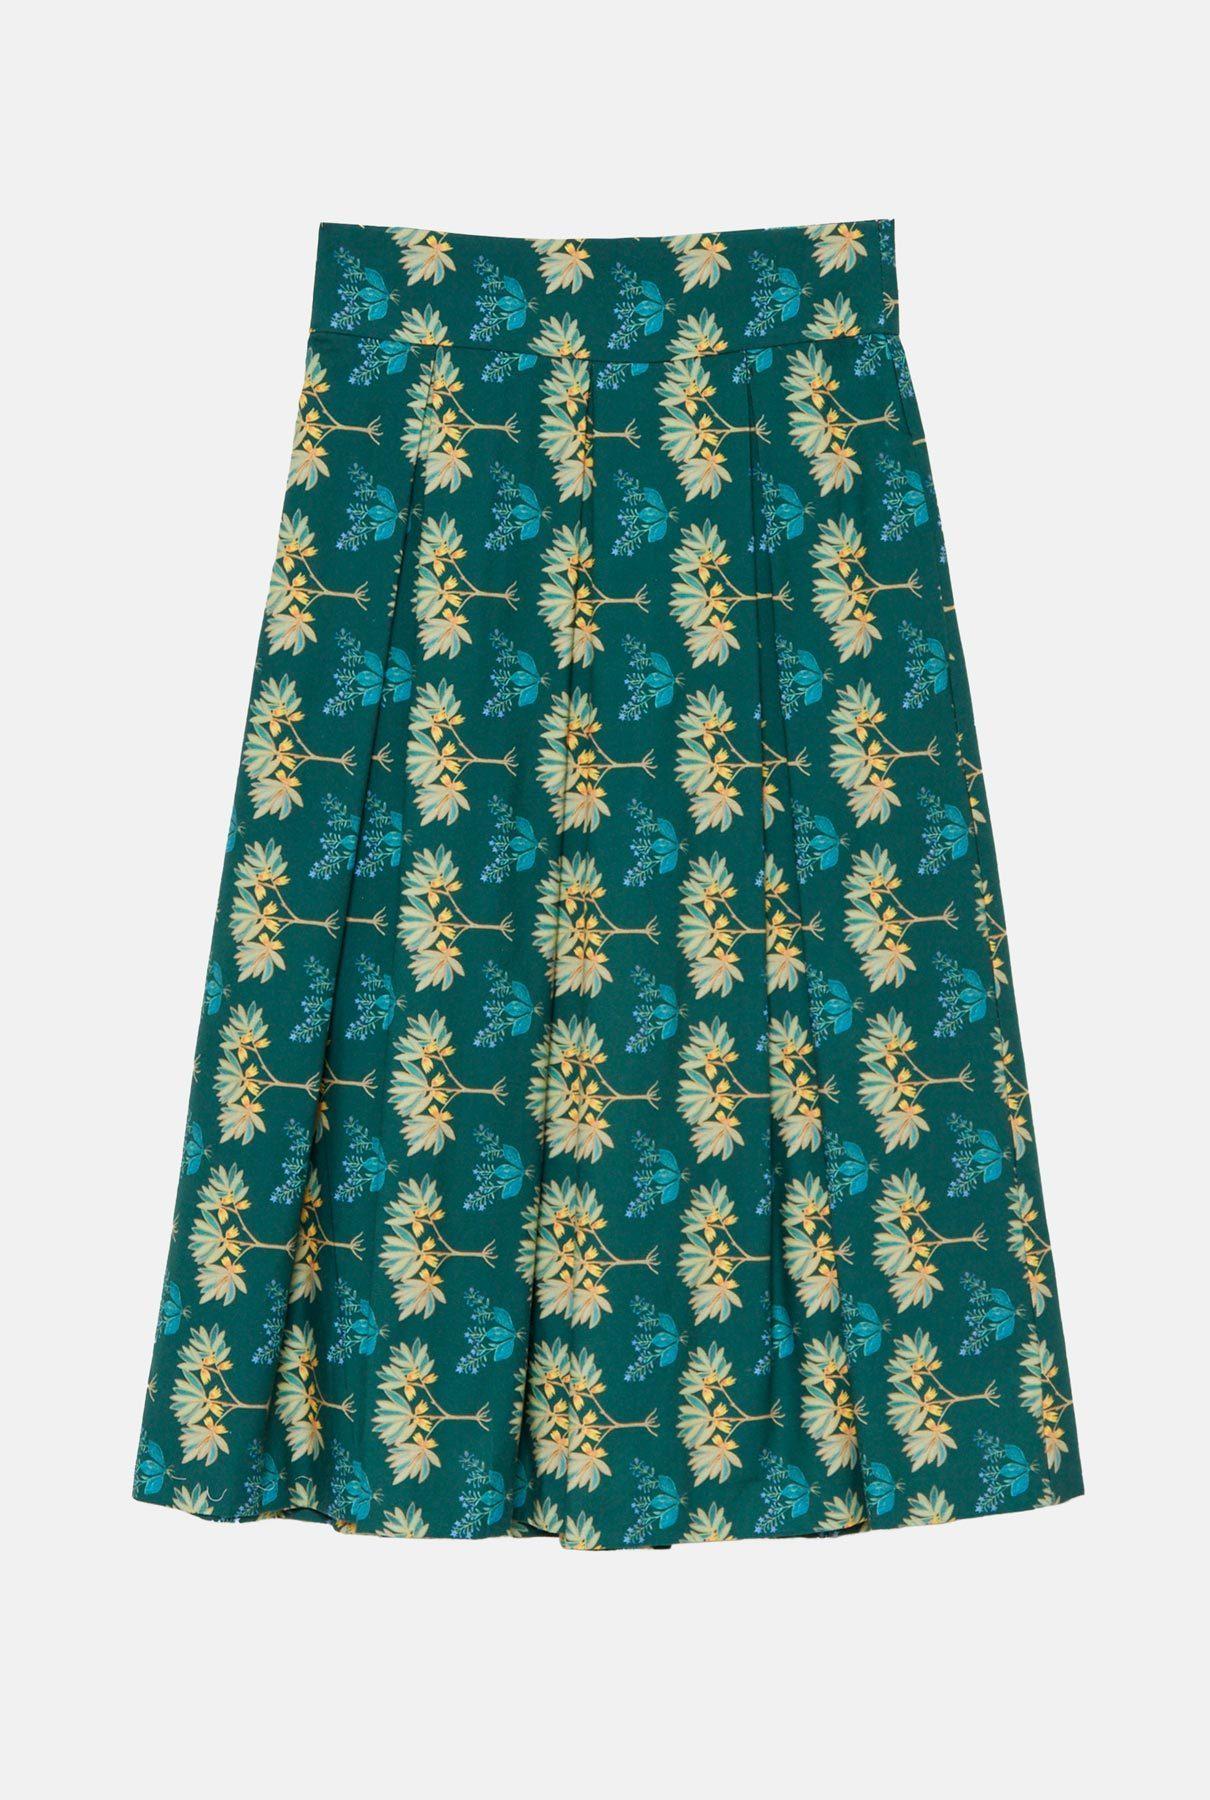 Falda midi verde estampada